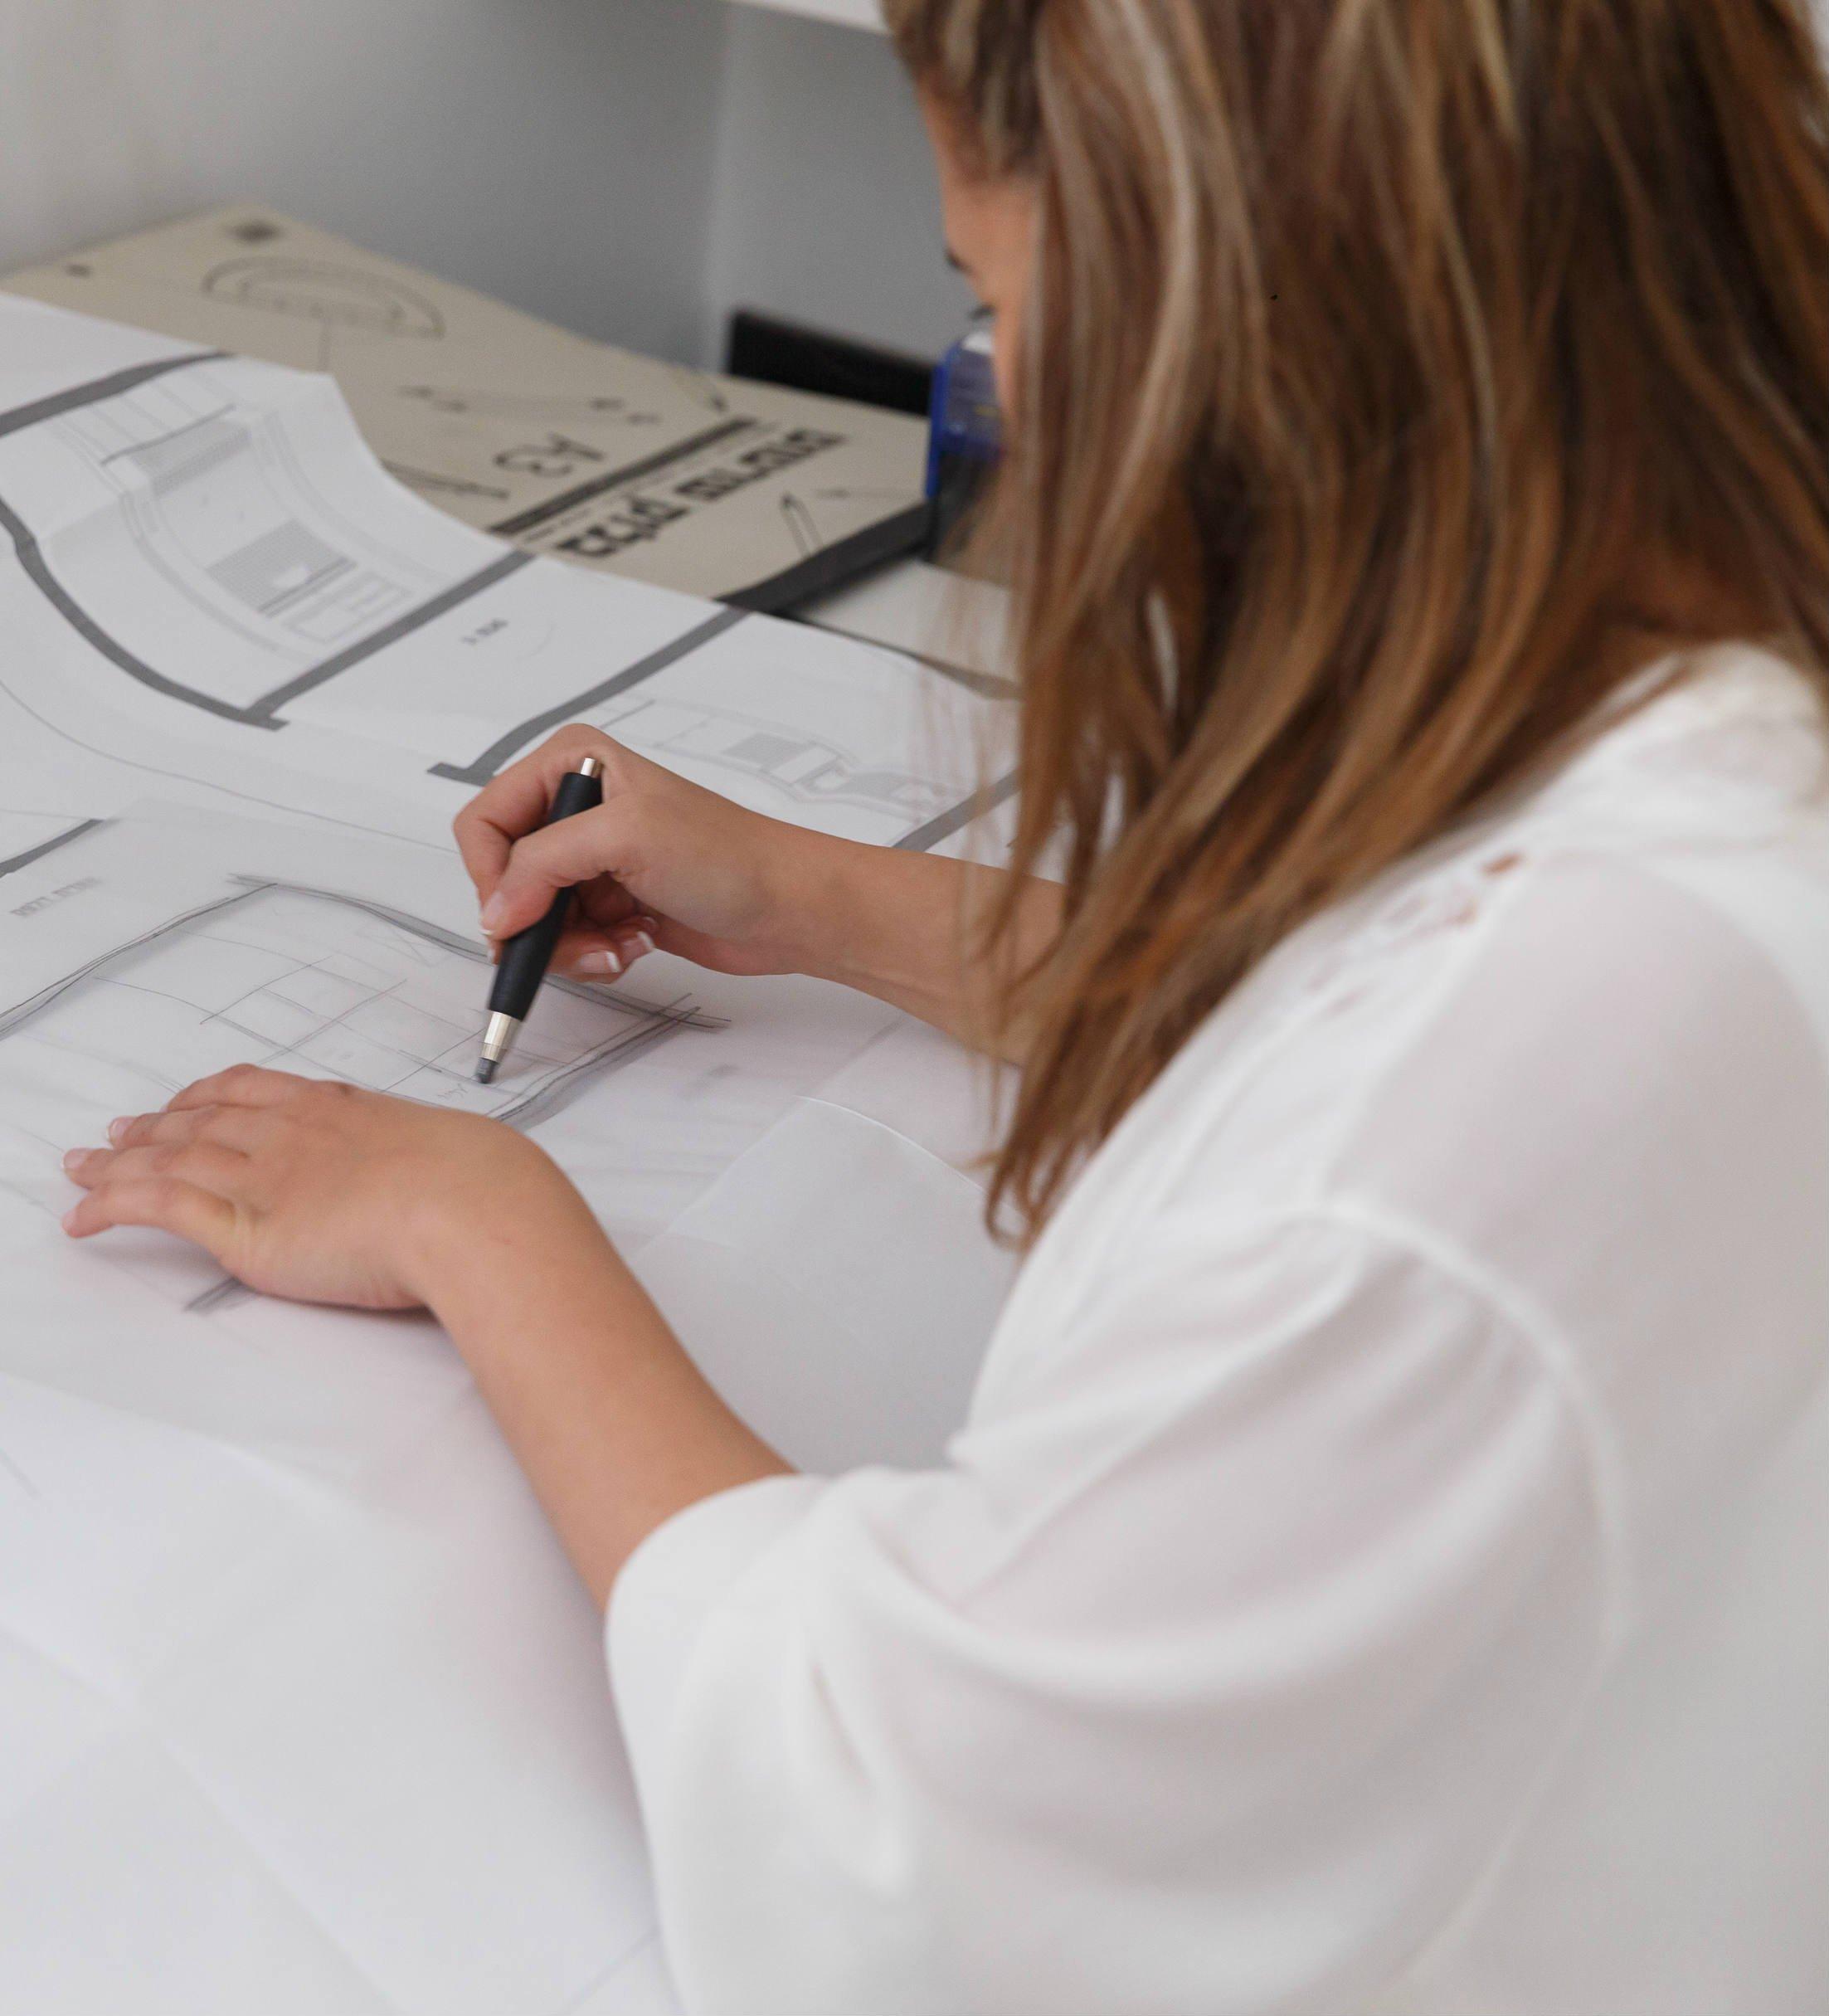 הקו הראשון על הנייר סקיצה אדריכלית